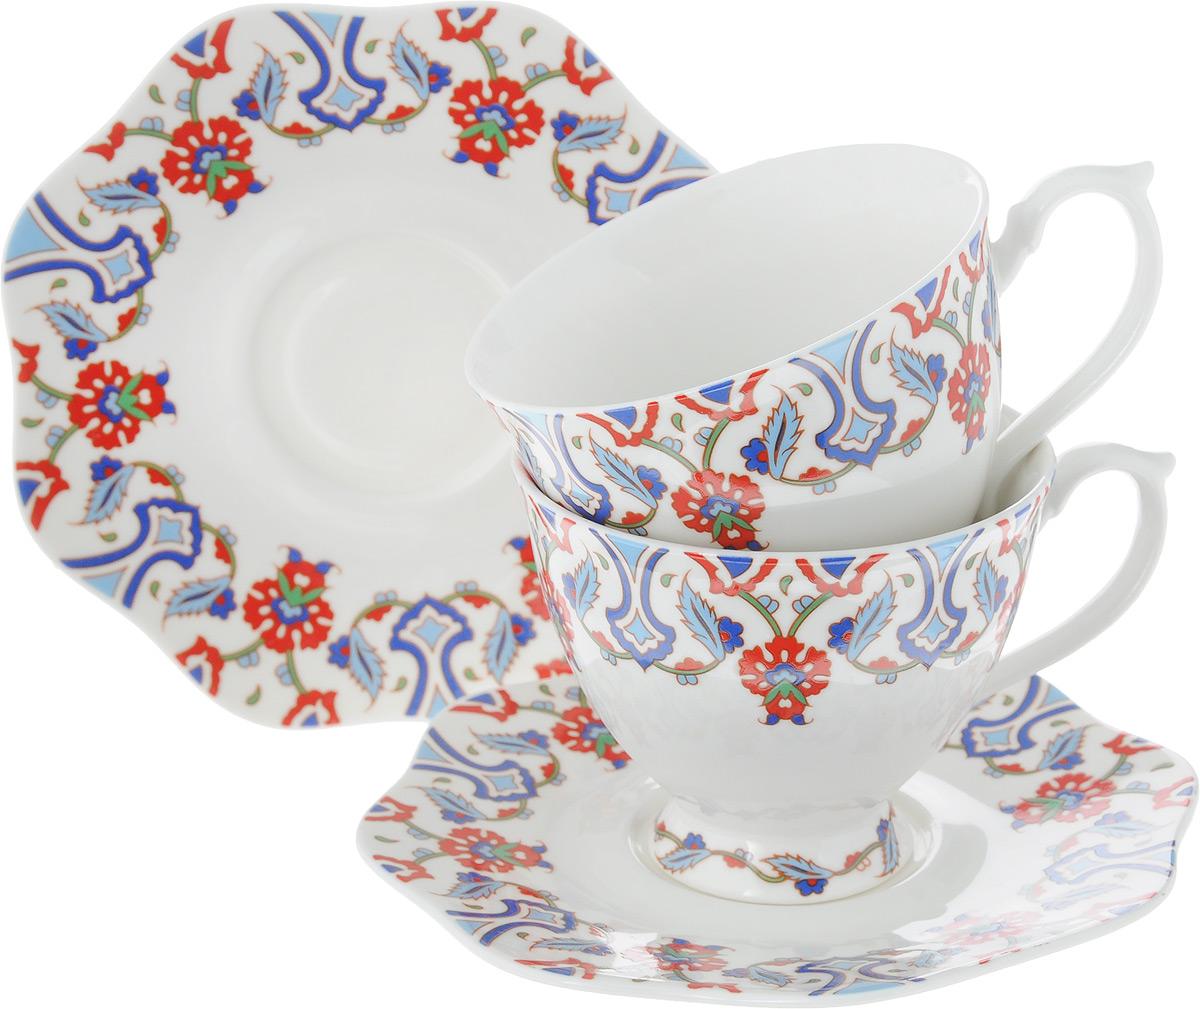 Набор чайный Loraine, 4 предмета. 2661826618Чайный набор Loraine на 2 персоны выполнен из высококачественного костяного фарфора - материала, безопасного для здоровья и надолго сохраняющего тепло напитка. В наборе 2 чашки и 2 блюдца. Несмотря на свою внешнюю хрупкость, каждый из предметов набора обладает высокой прочностью и надежностью. Изделия дополнены ярким красивым узором. Оригинальный дизайн сделает этот набор изысканным украшением любого стола. Набор упакован в подарочную коробку в форме сердца, поэтому его можно преподнести в качестве оригинального и практичного подарка для родных и близких. Объем чашки: 180 мл. Диаметр чашки (по верхнему краю): 8 см. Высота чашки: 7 см. Диаметр блюдца: 14 см.